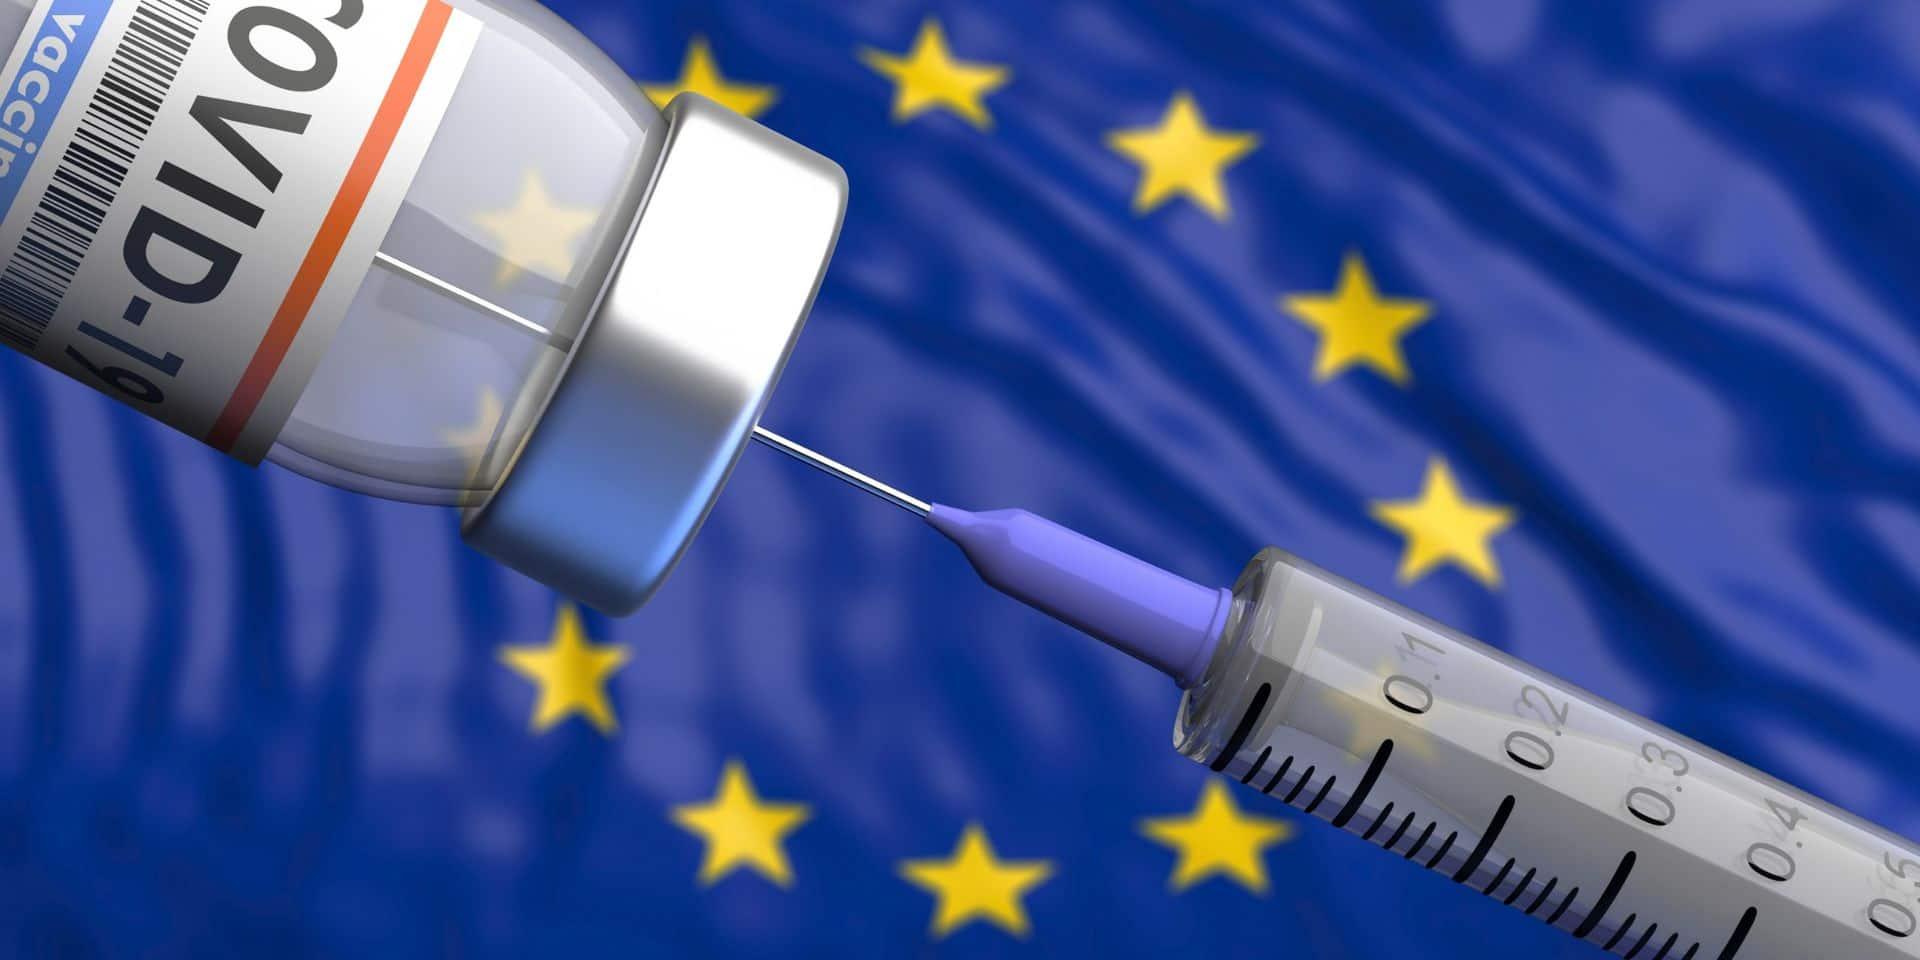 Vaccins anti-Covid: l'Union européenne hausse le ton et se réserve le droit d'interdire les exportations hors de son territoire